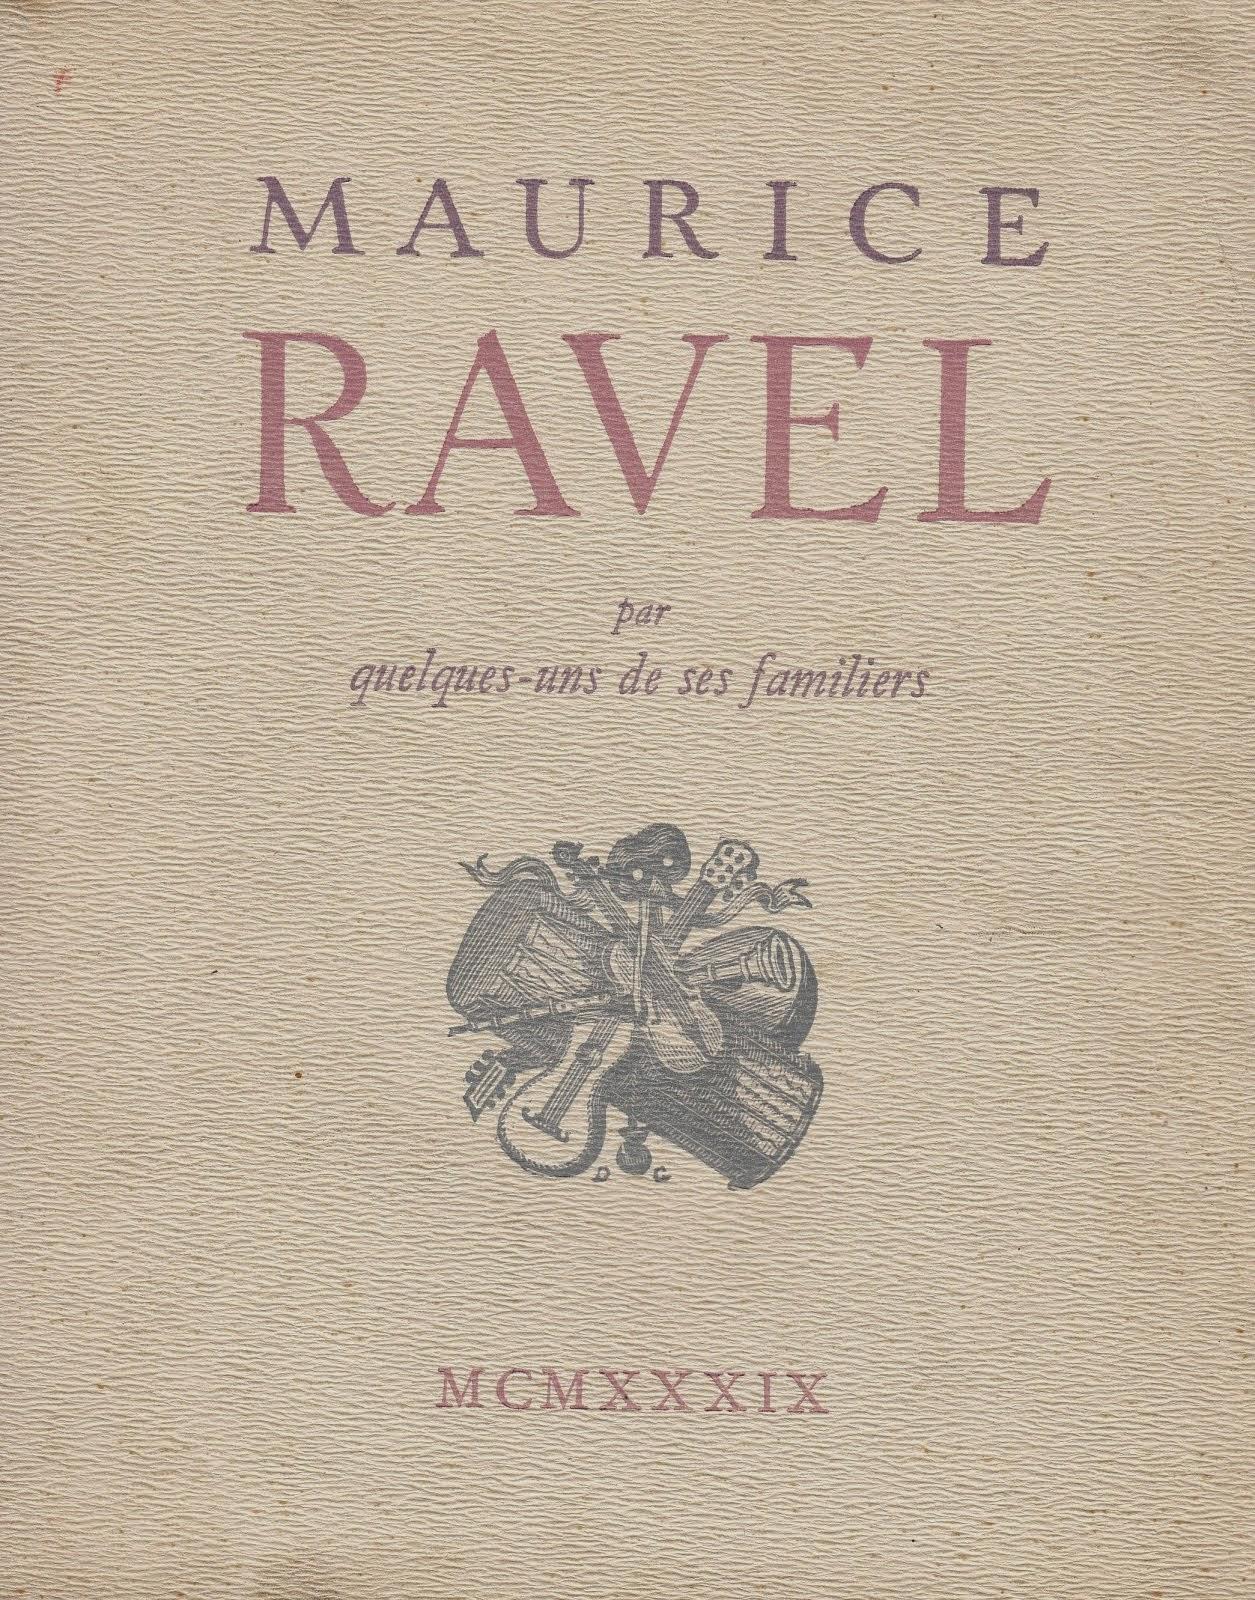 « Maurice Ravel par quelques-uns de des familiers » 1939 (épuisé)